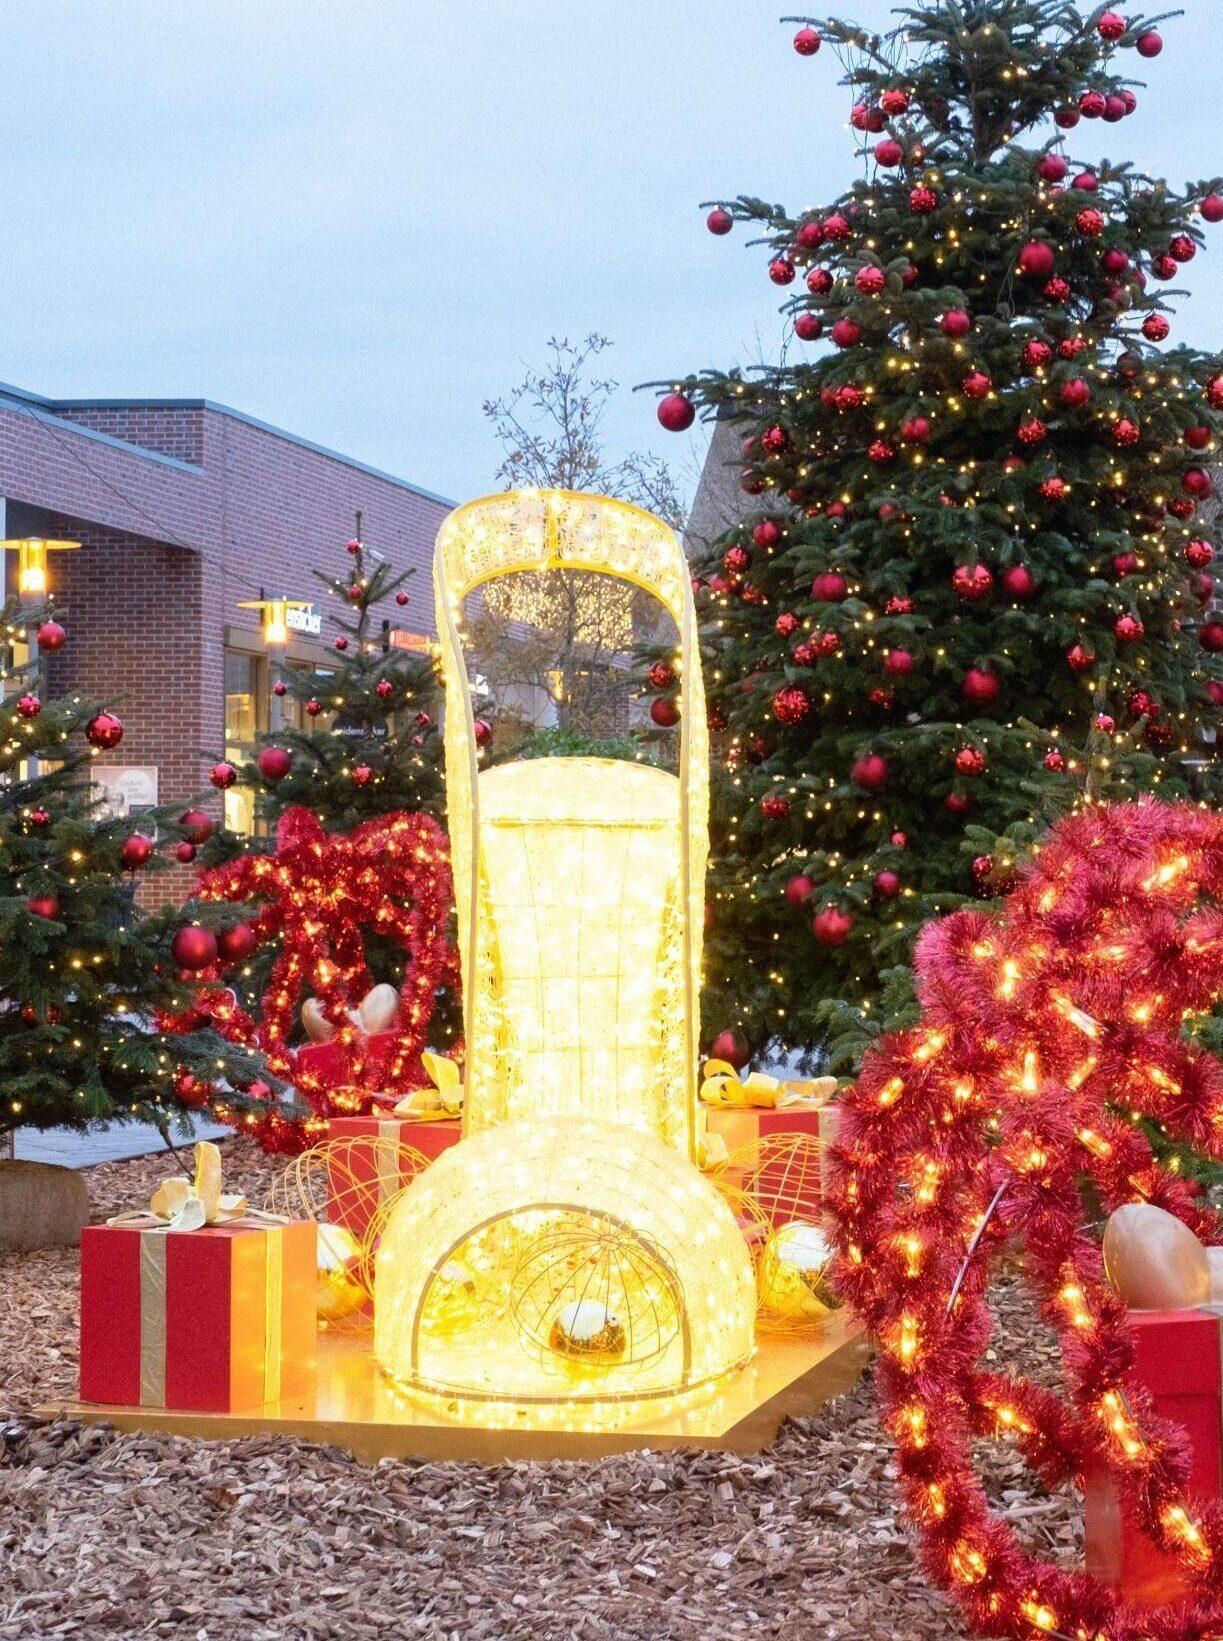 LED Damenschuh und Weihnachtsbaum im Outdoor Bereich